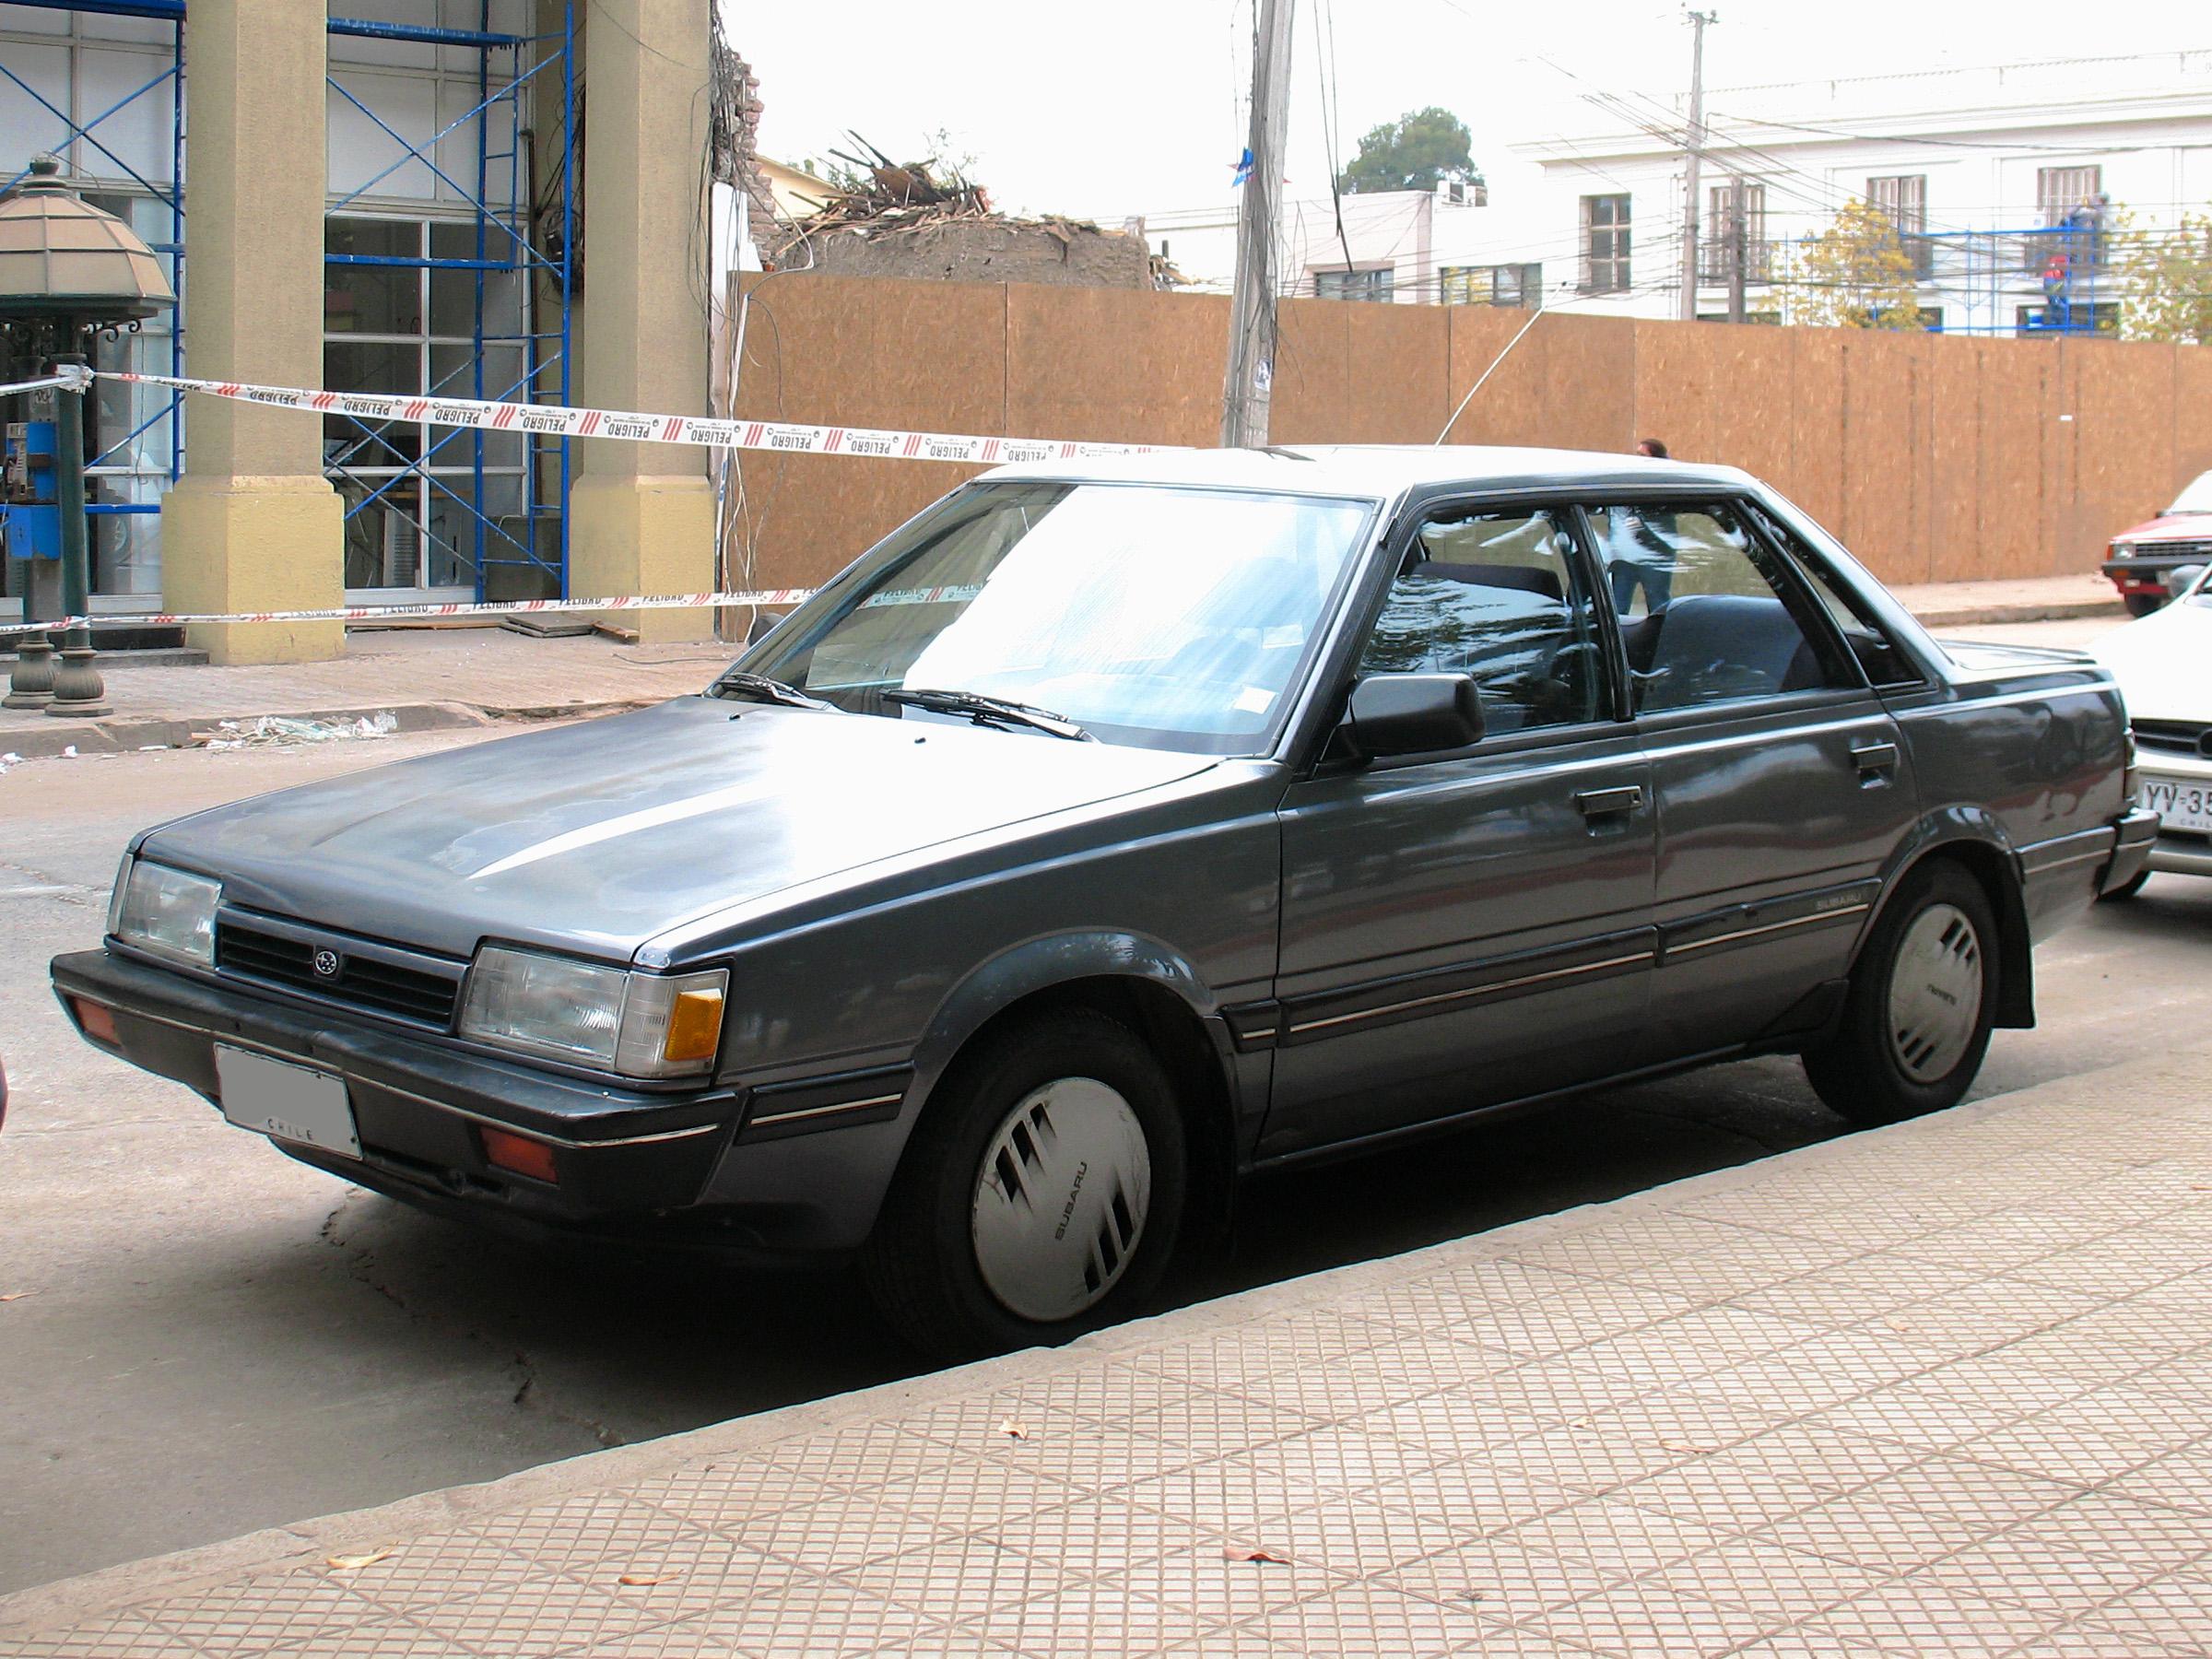 File Subaru 1 8i Gt Sedan 1988 15663004833 Jpg